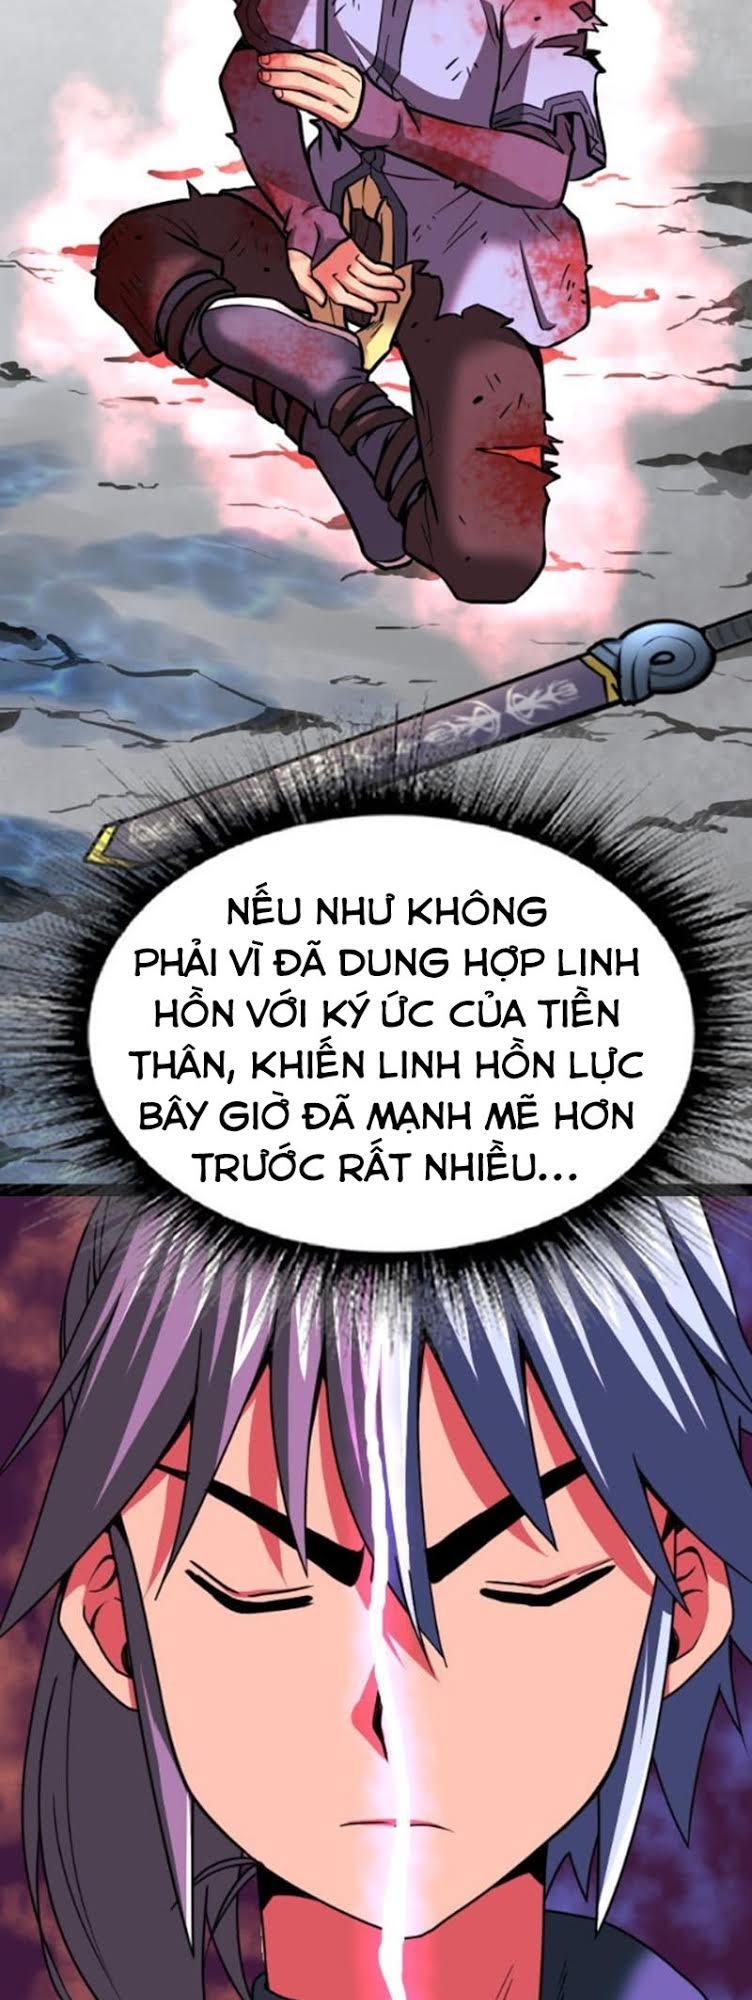 Kiếm Thần Tuyệt Thế chap 52 - Trang 17